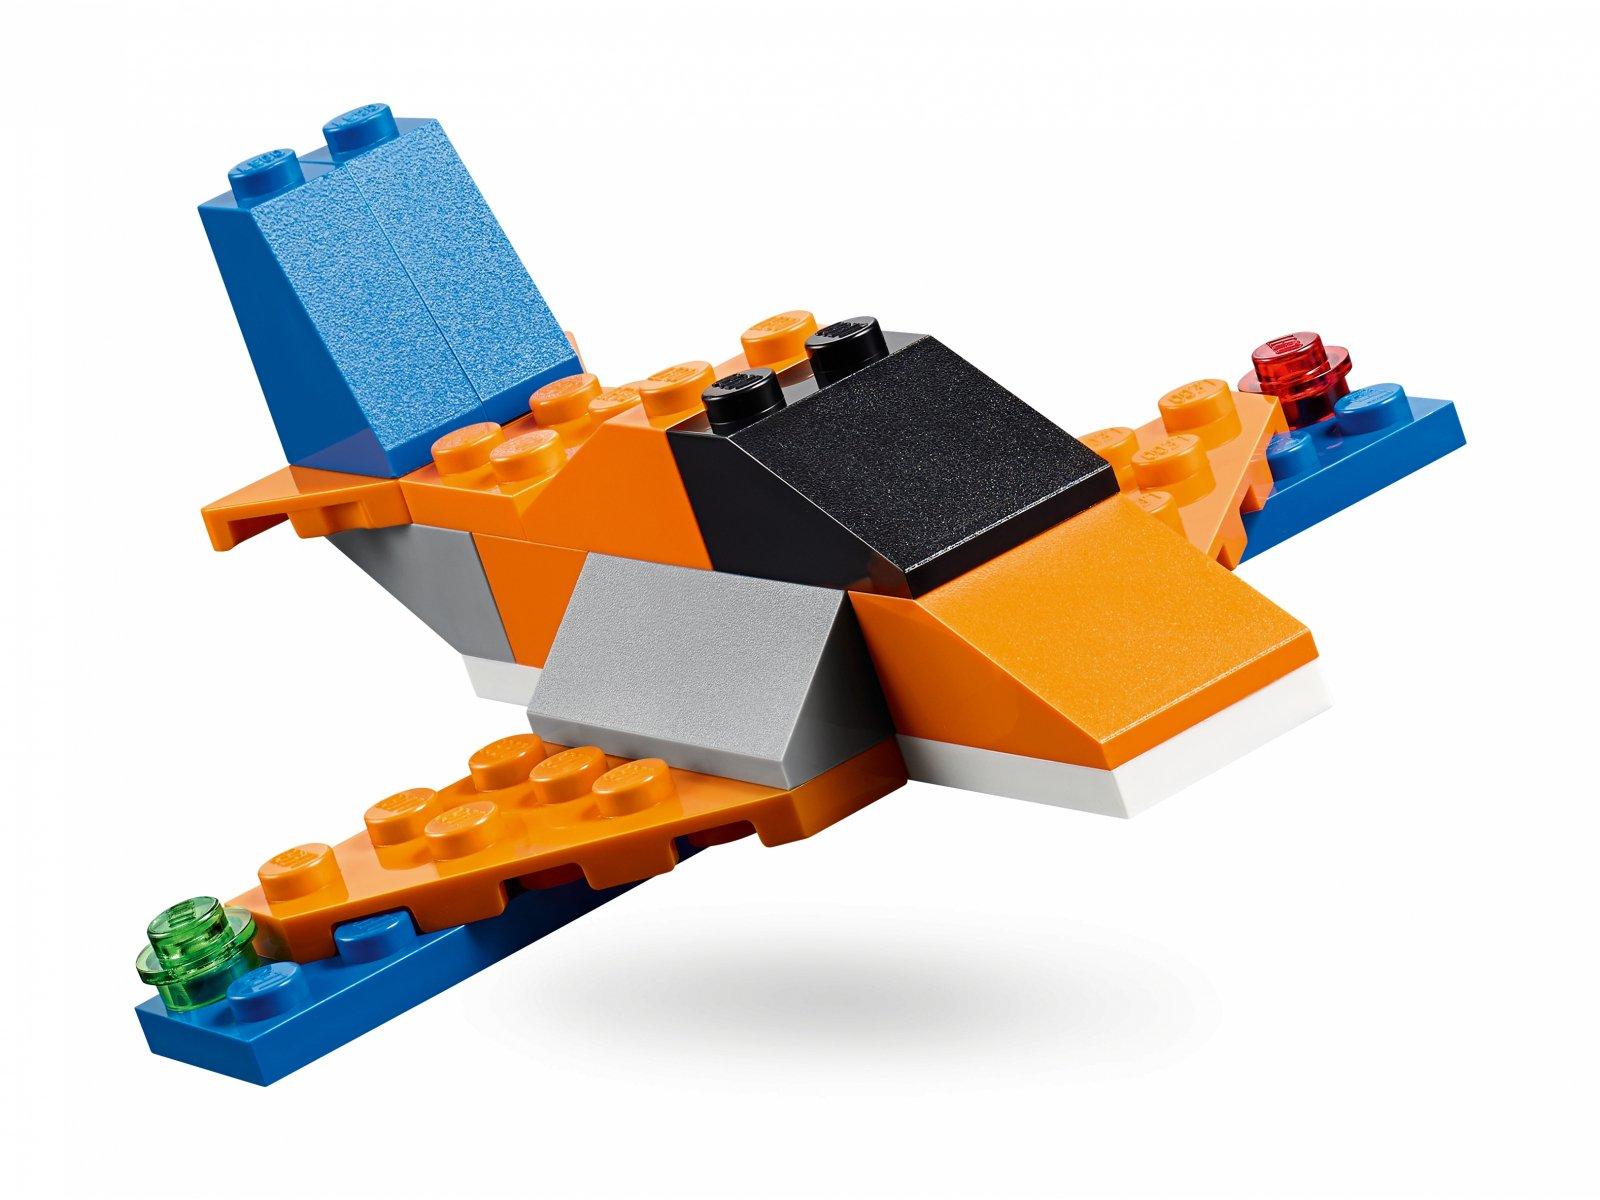 LEGO Classic Klocki, klocki, płytki 11717